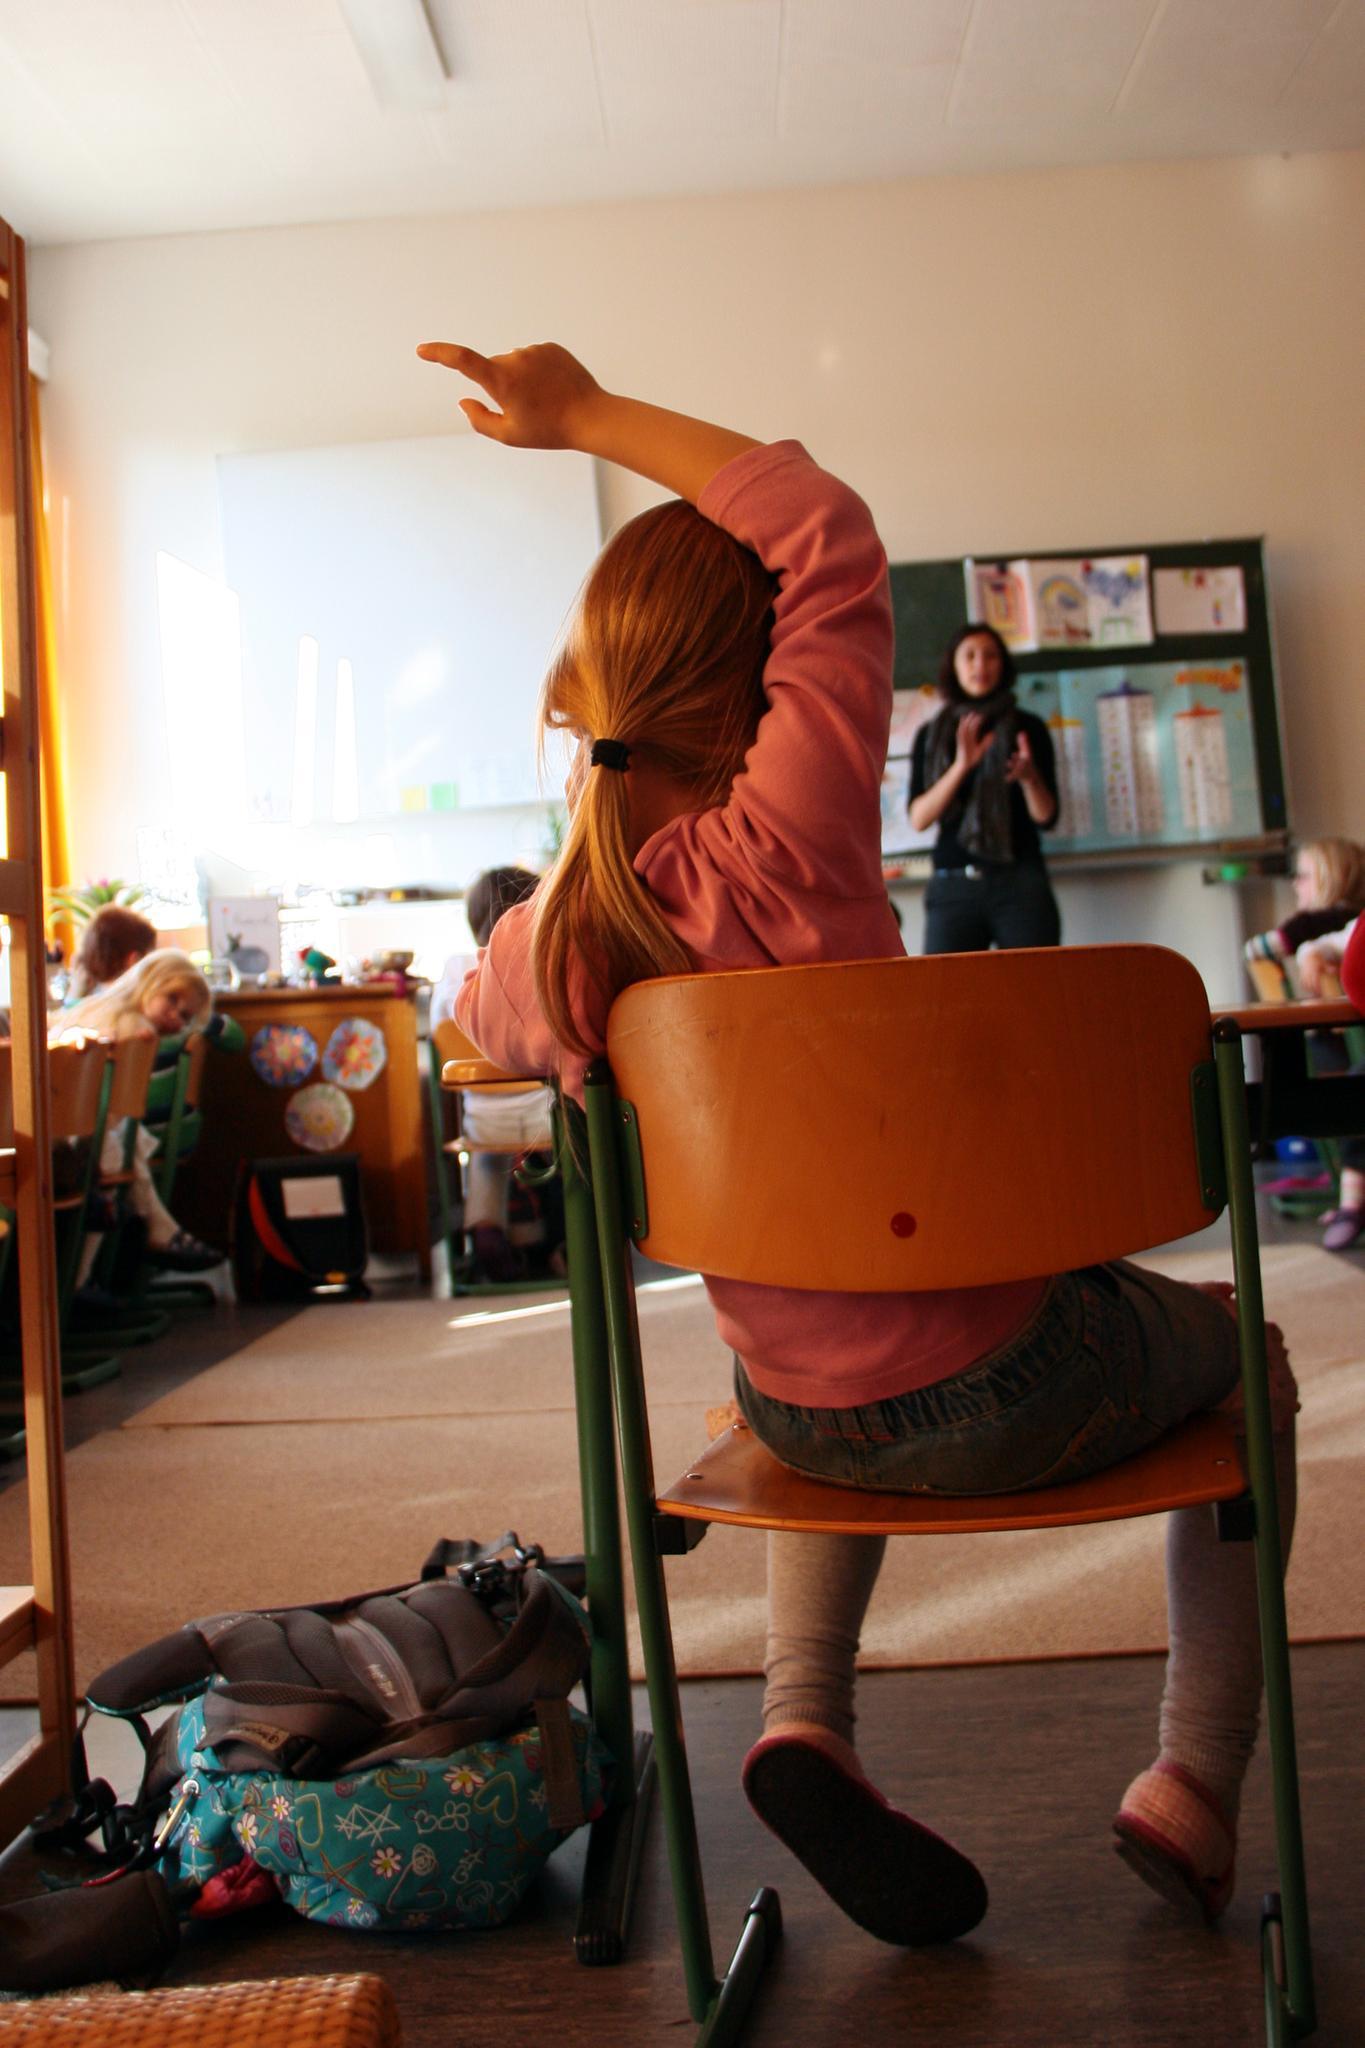 Lehrer 20 Dinge sie nicht dürfen aber trotzdem machen